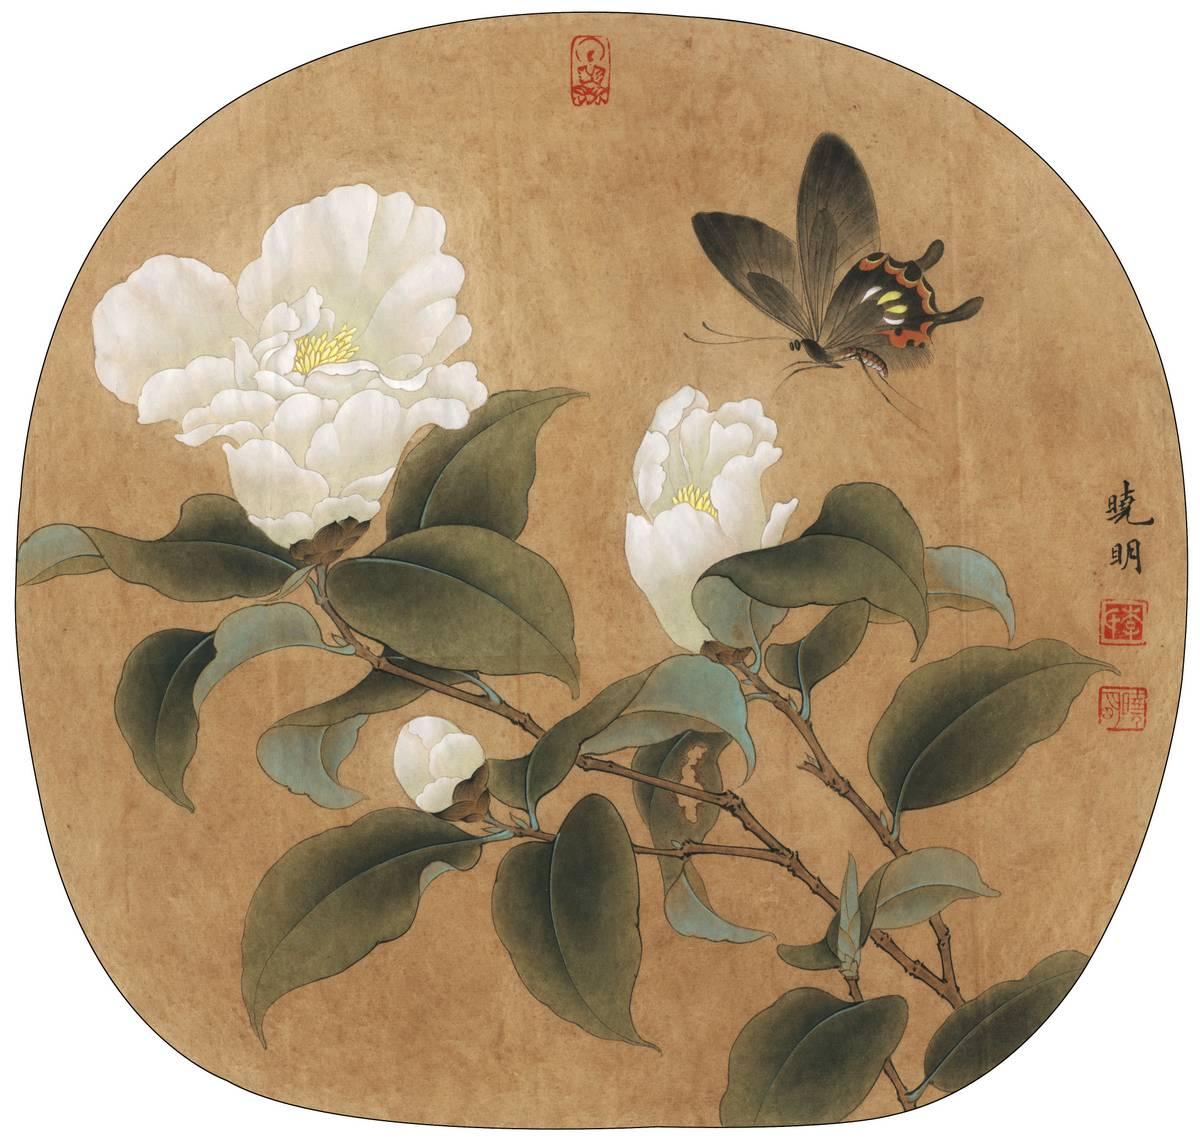 0027_李晓明古风工笔画高清图专辑JPG-临宋山茶蝴蝶图_4203x4001PX_JPG_300DPI_2.2